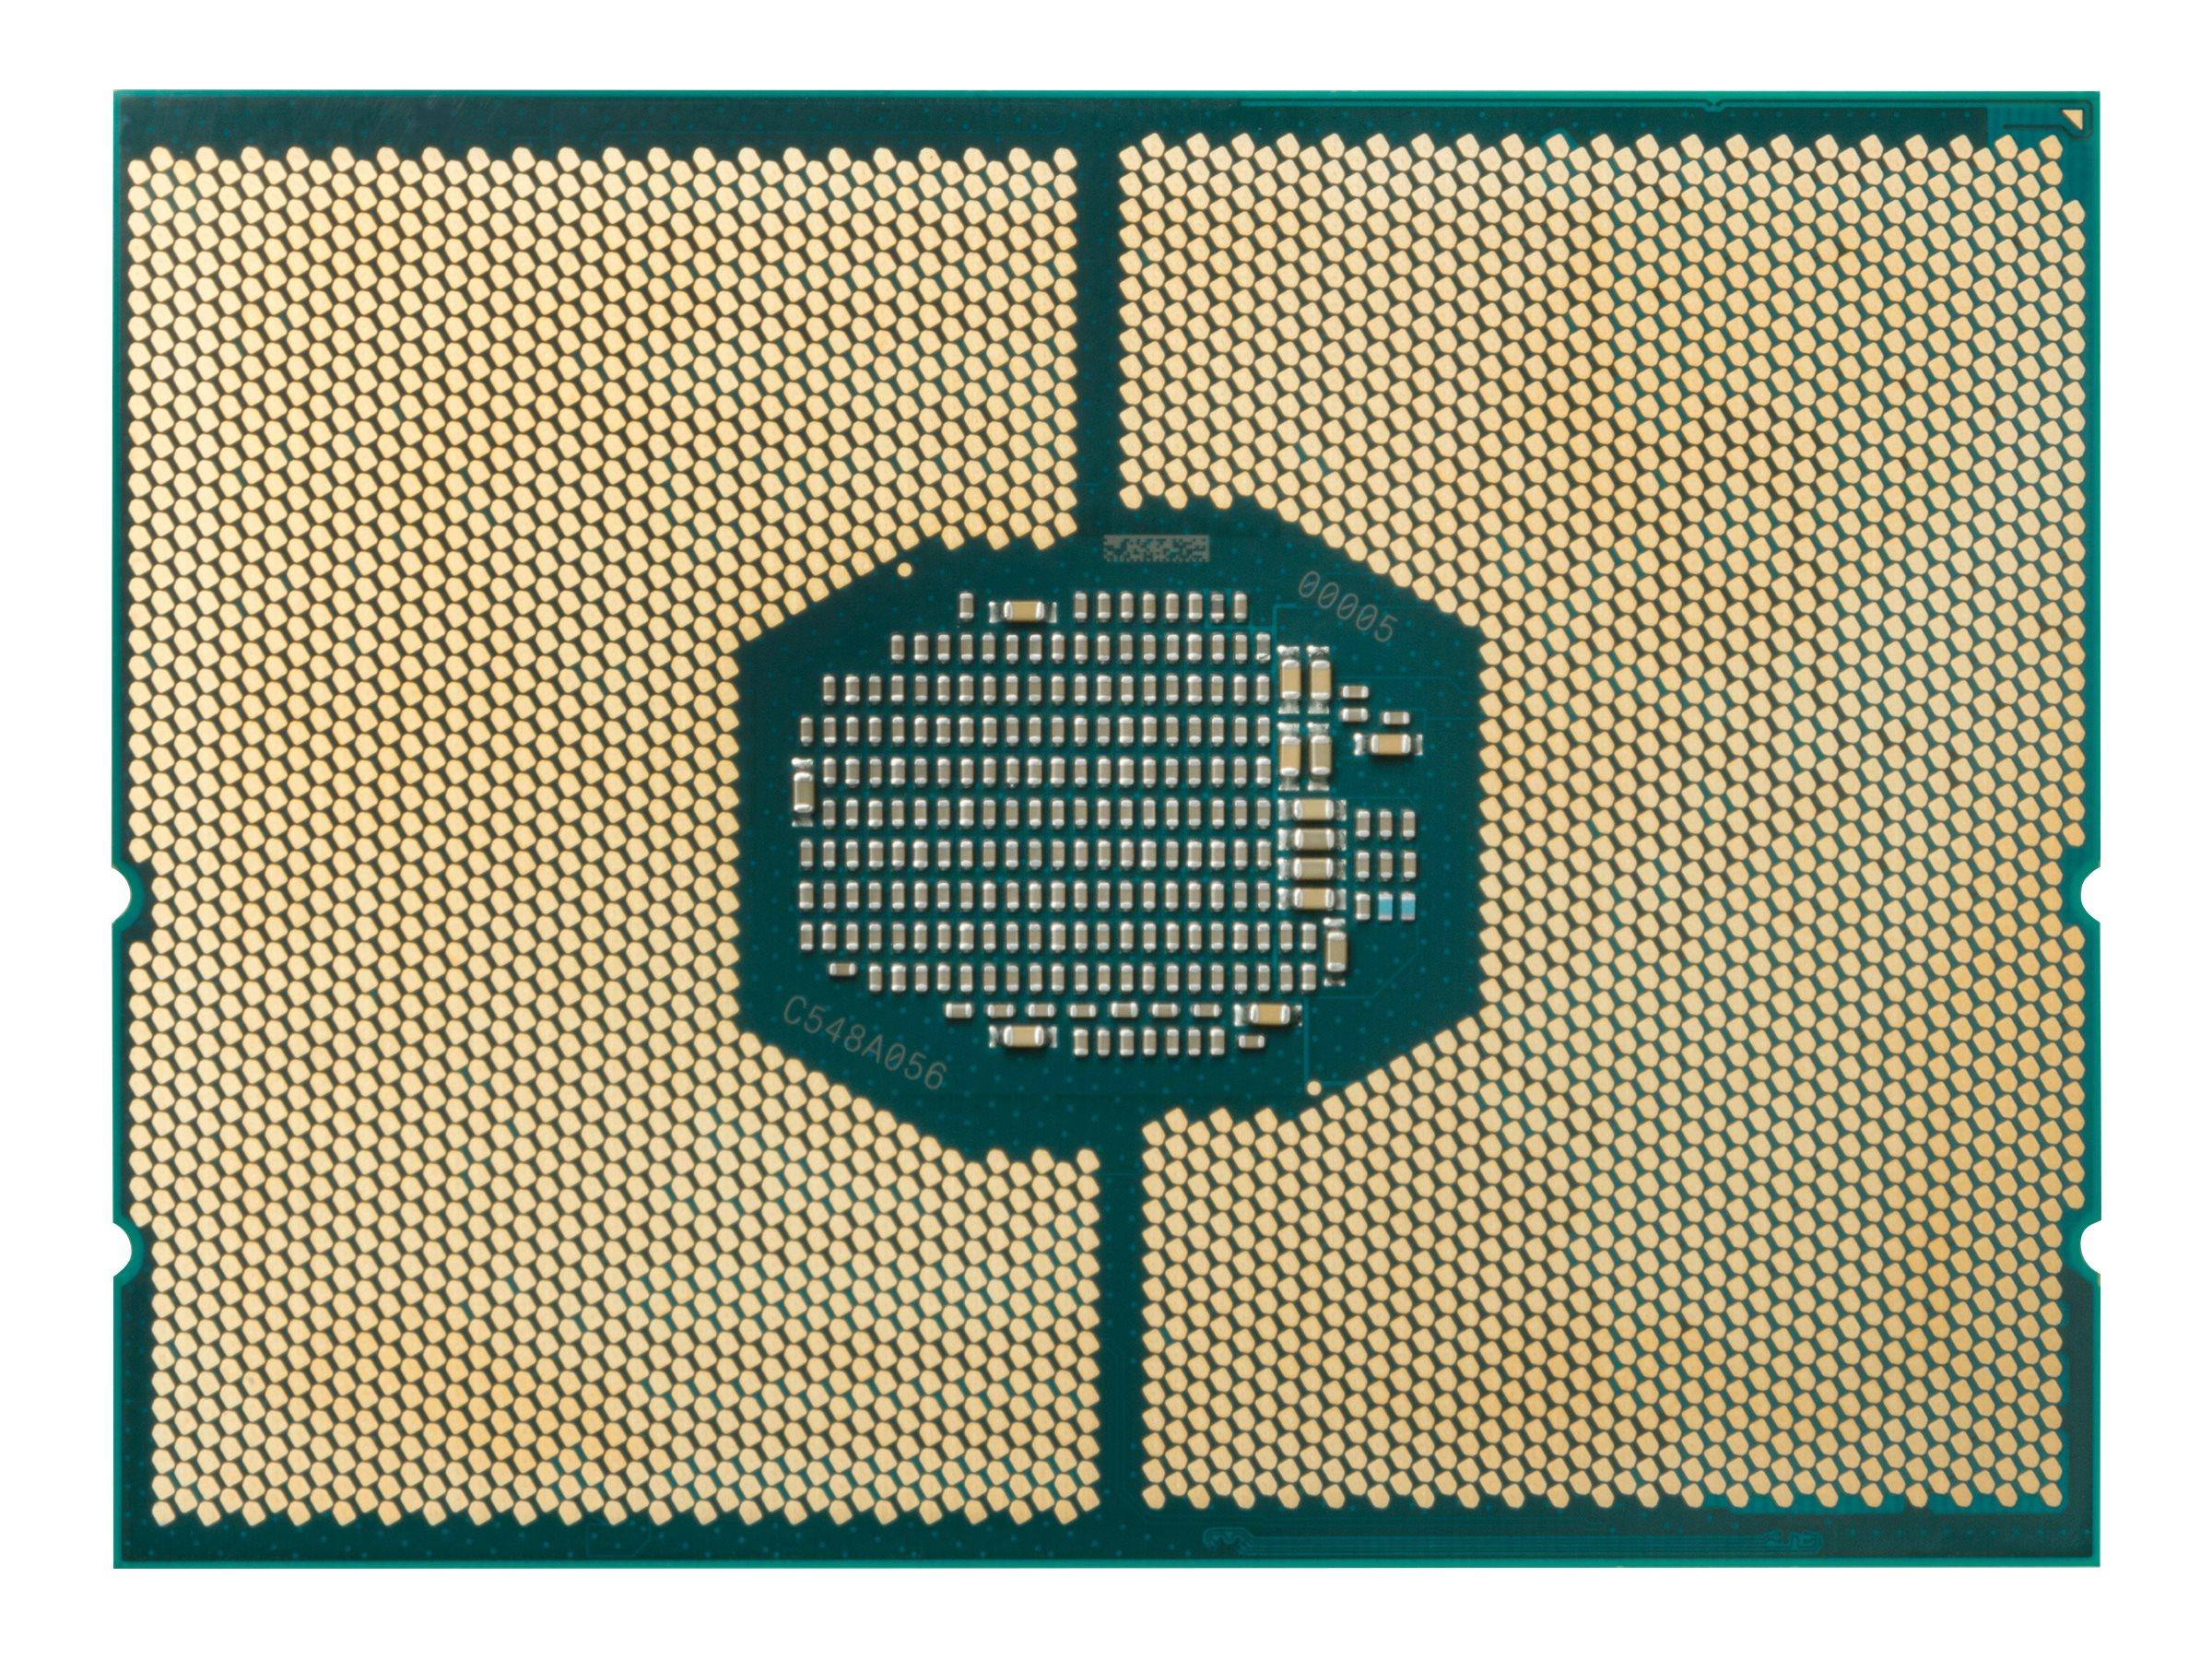 Intel Xeon Silver 4114 / 2.2 GHz processor